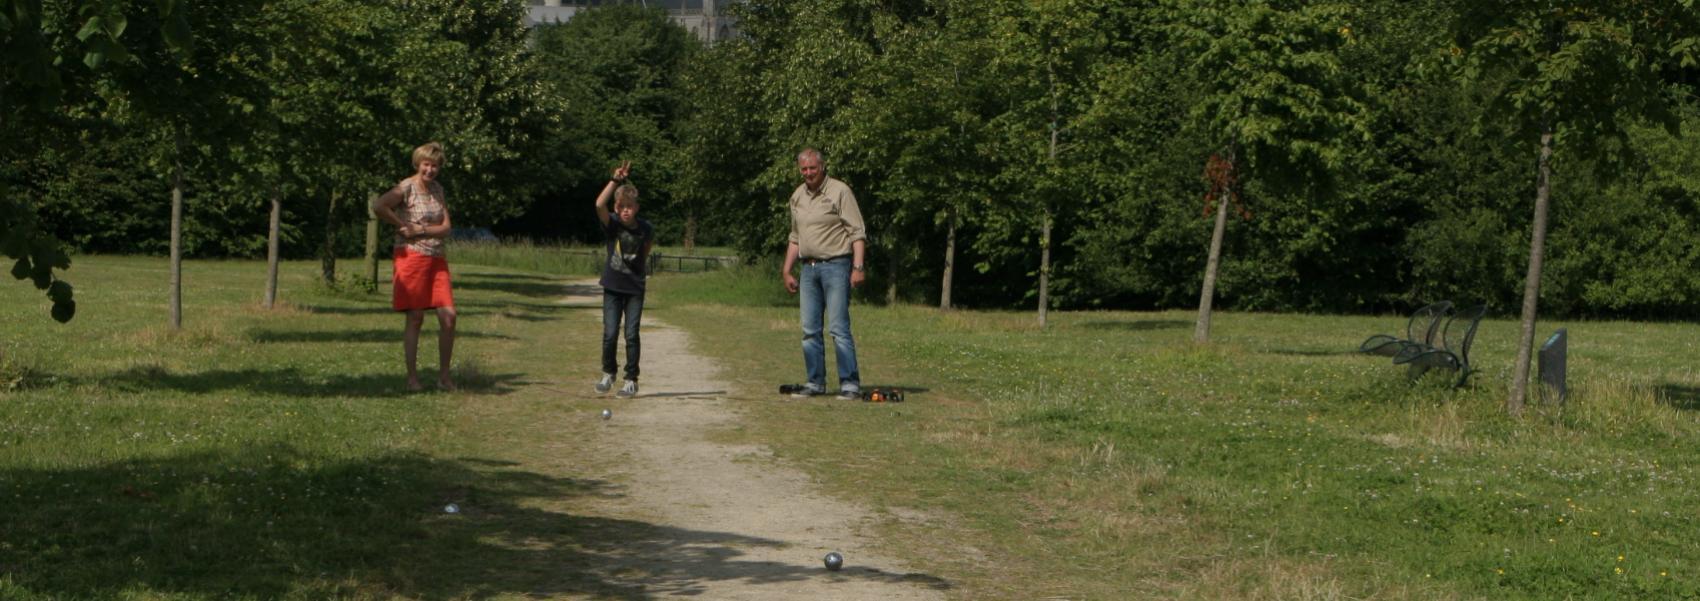 mensen die petanque spelen in De Balokken